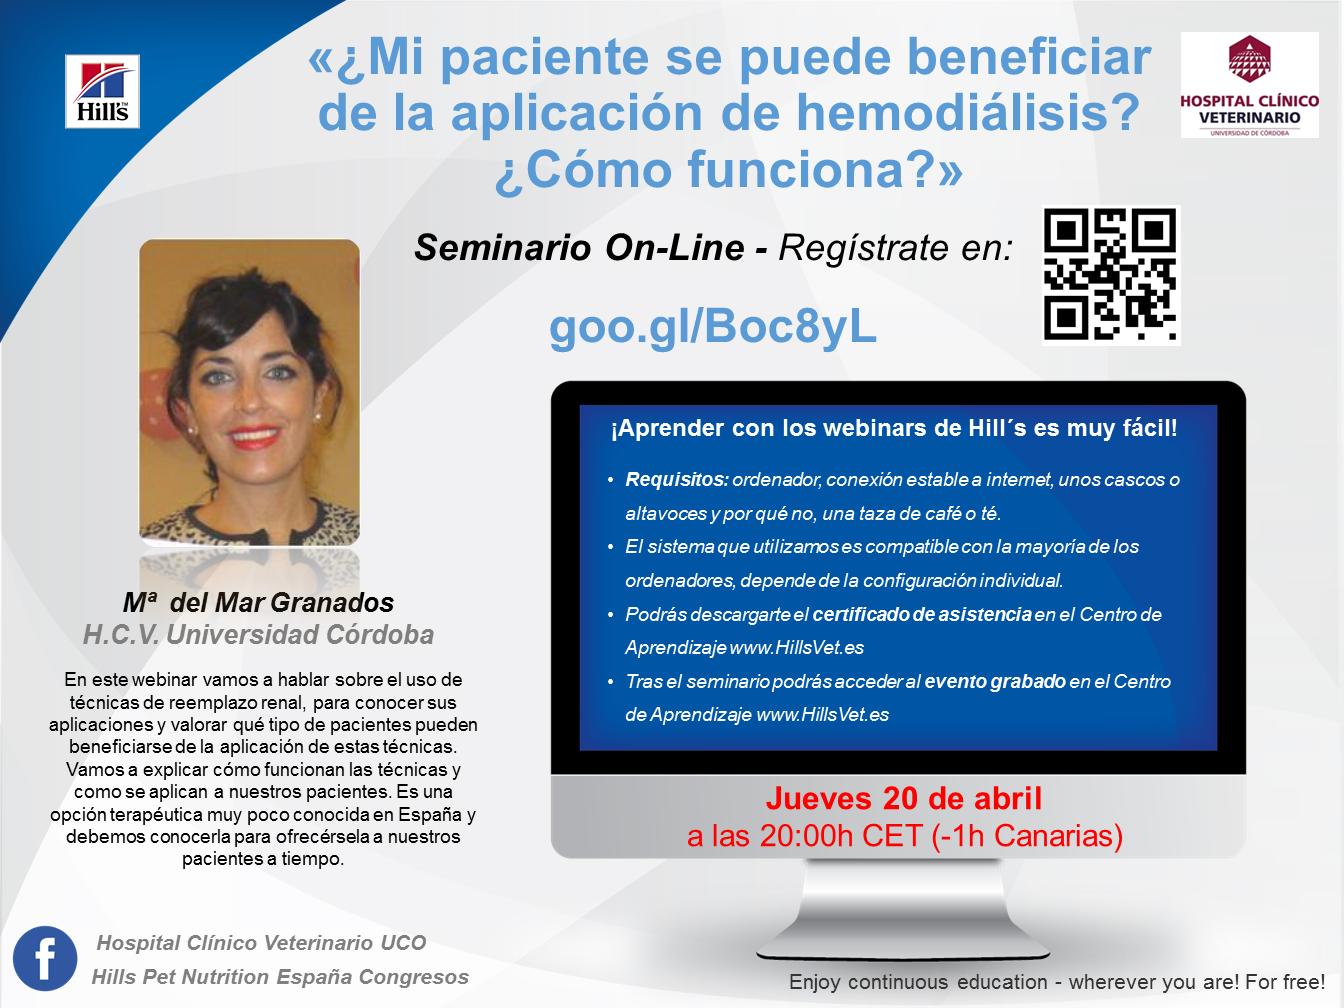 Invitación Webinar Hemodialisis_M Mar Granados_20 de abril 2017